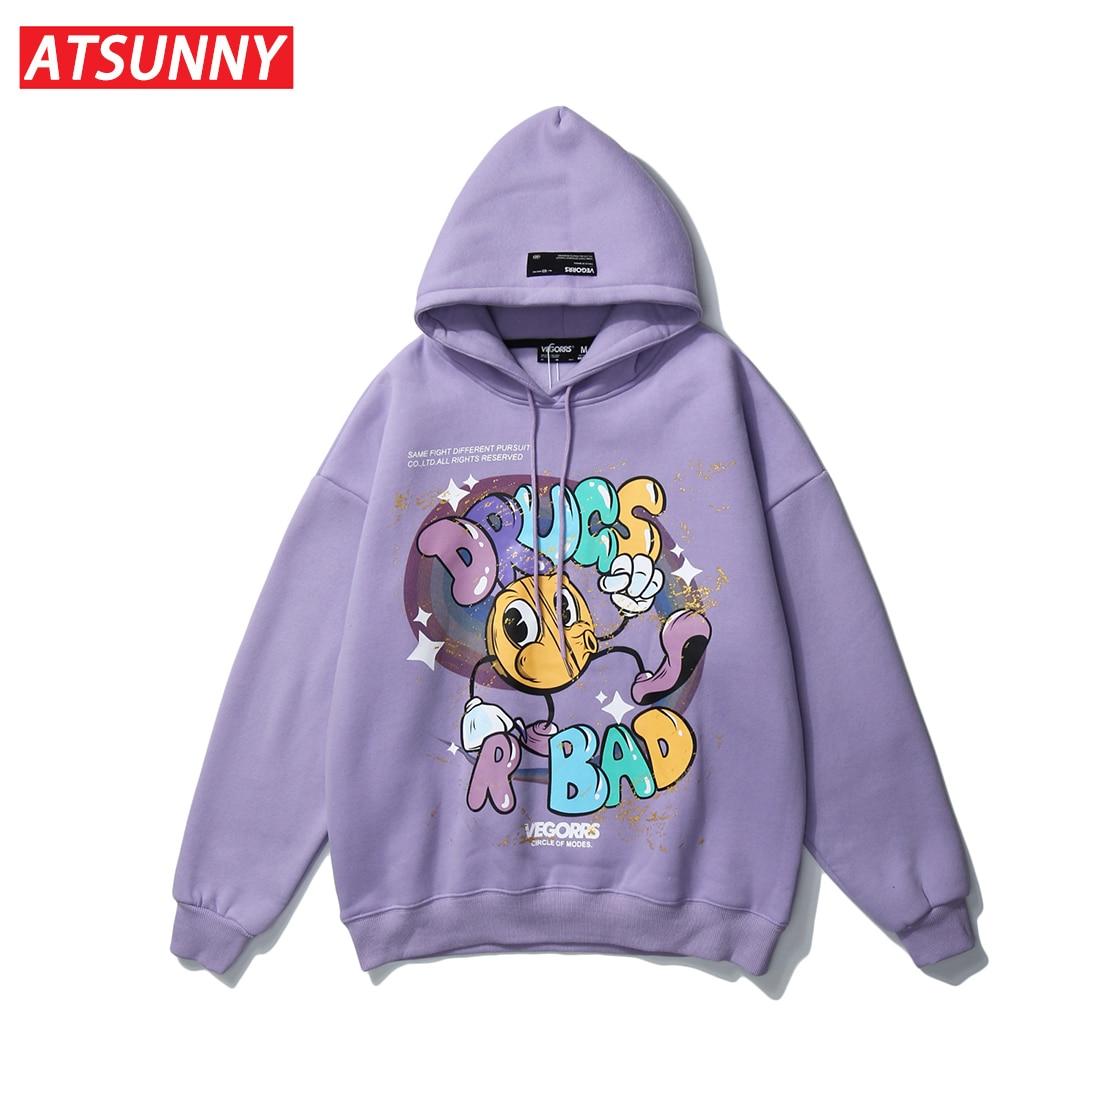 Толстовка ATSUNNY оверсайз в стиле хип-хоп, свитшот, уличная одежда, худи в стиле Харадзюку, пуловер, осенняя хлопковая толстовка с мультяшным а...